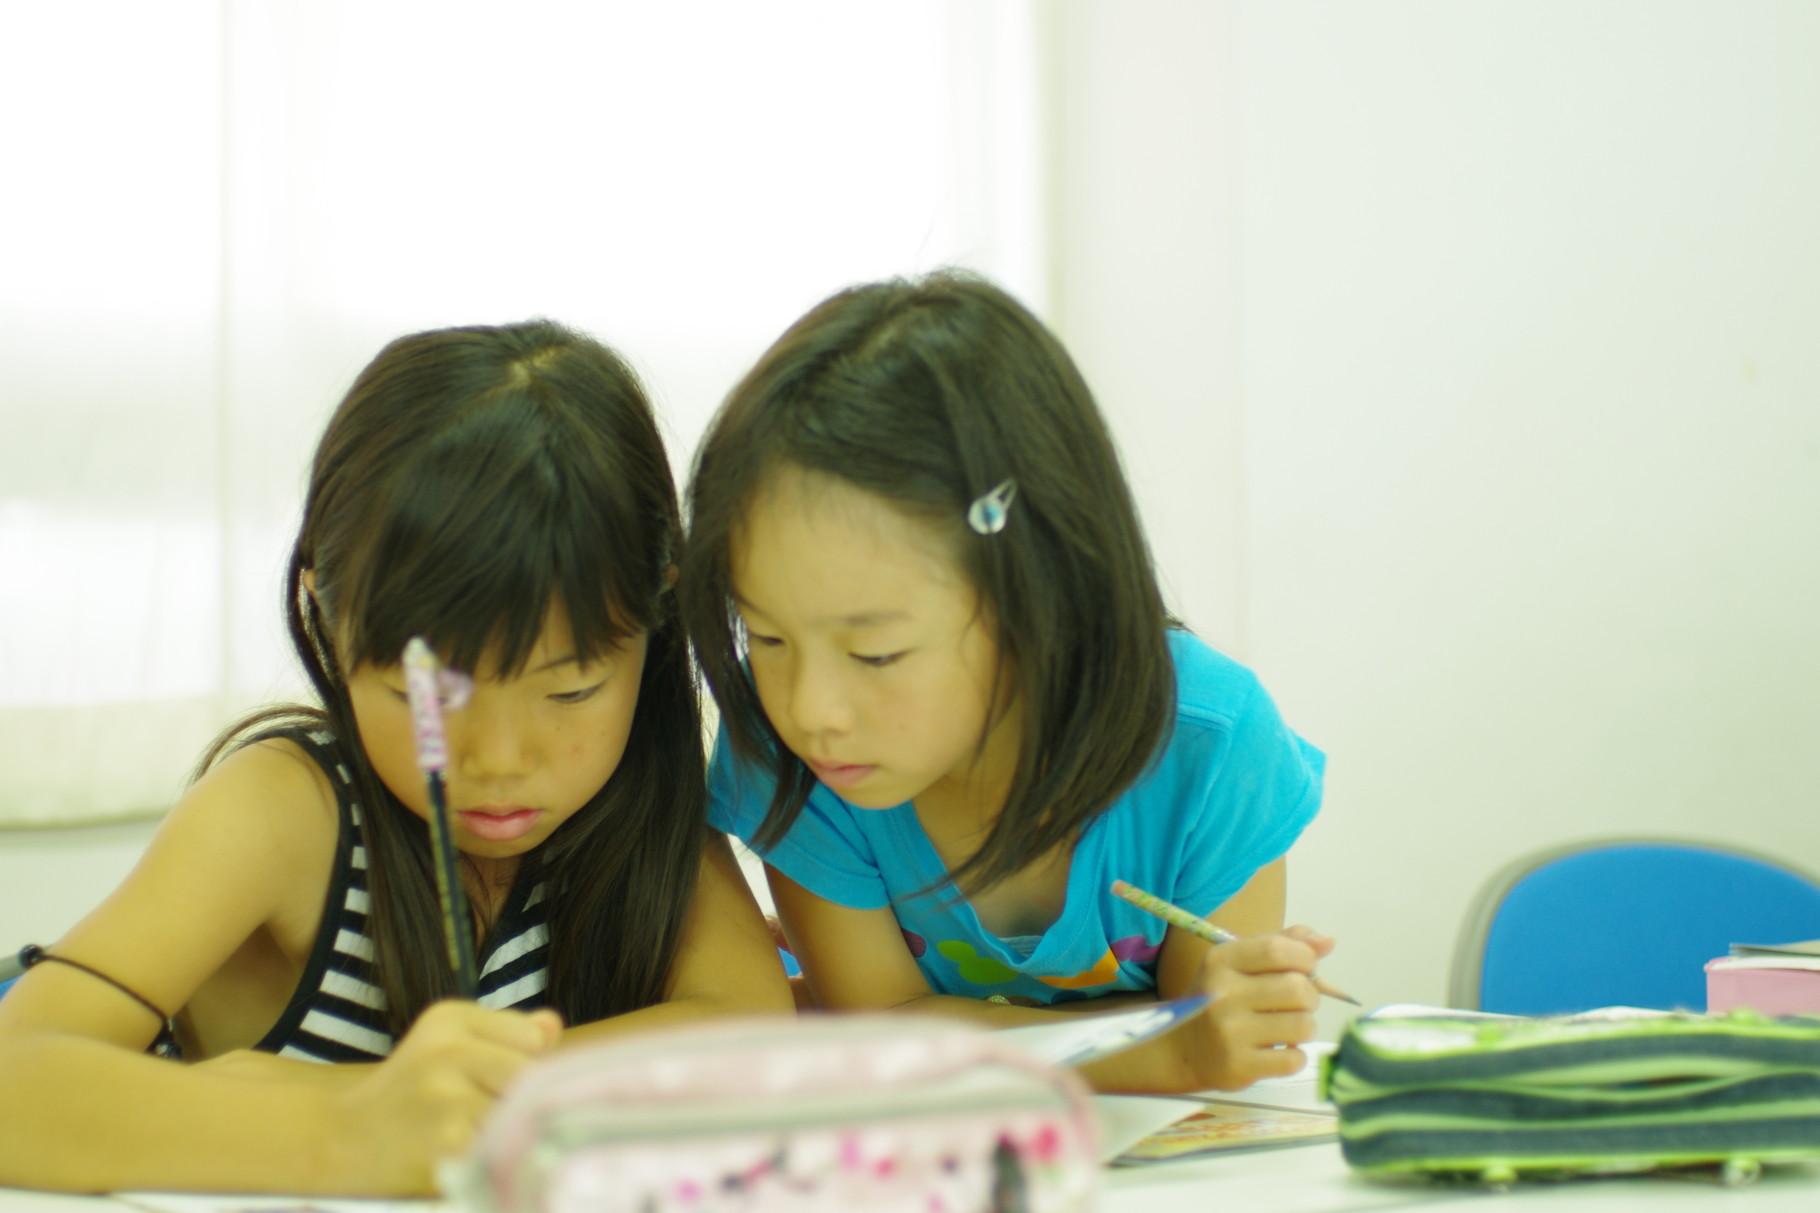 一緒に考え合えば必ず問題は解いていけます!教え合い、学び合う!